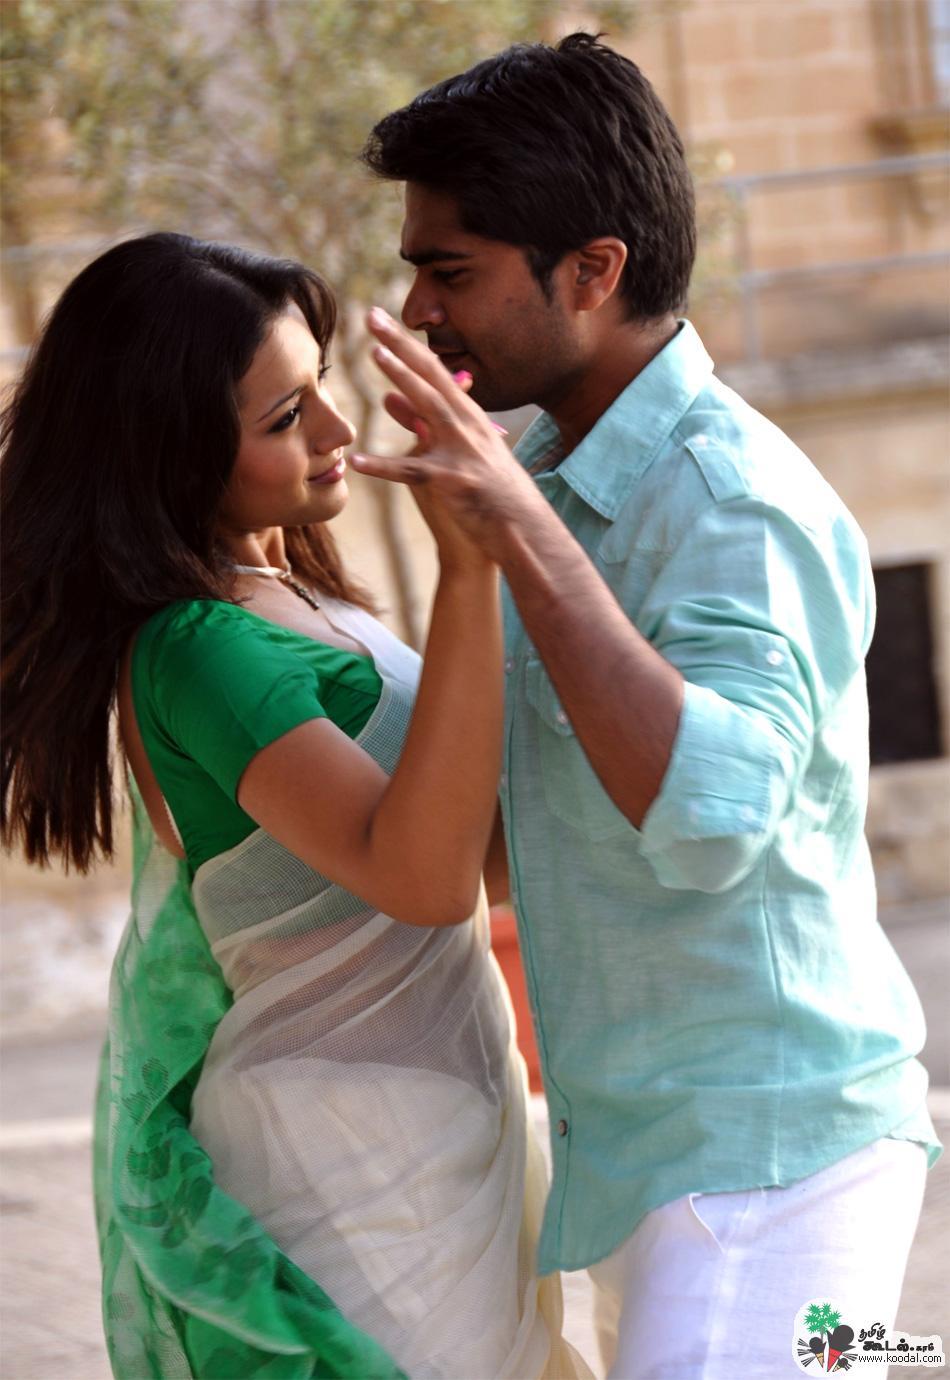 tamilsongzlyricz: Vinnaithandi varuvaya song lyrics